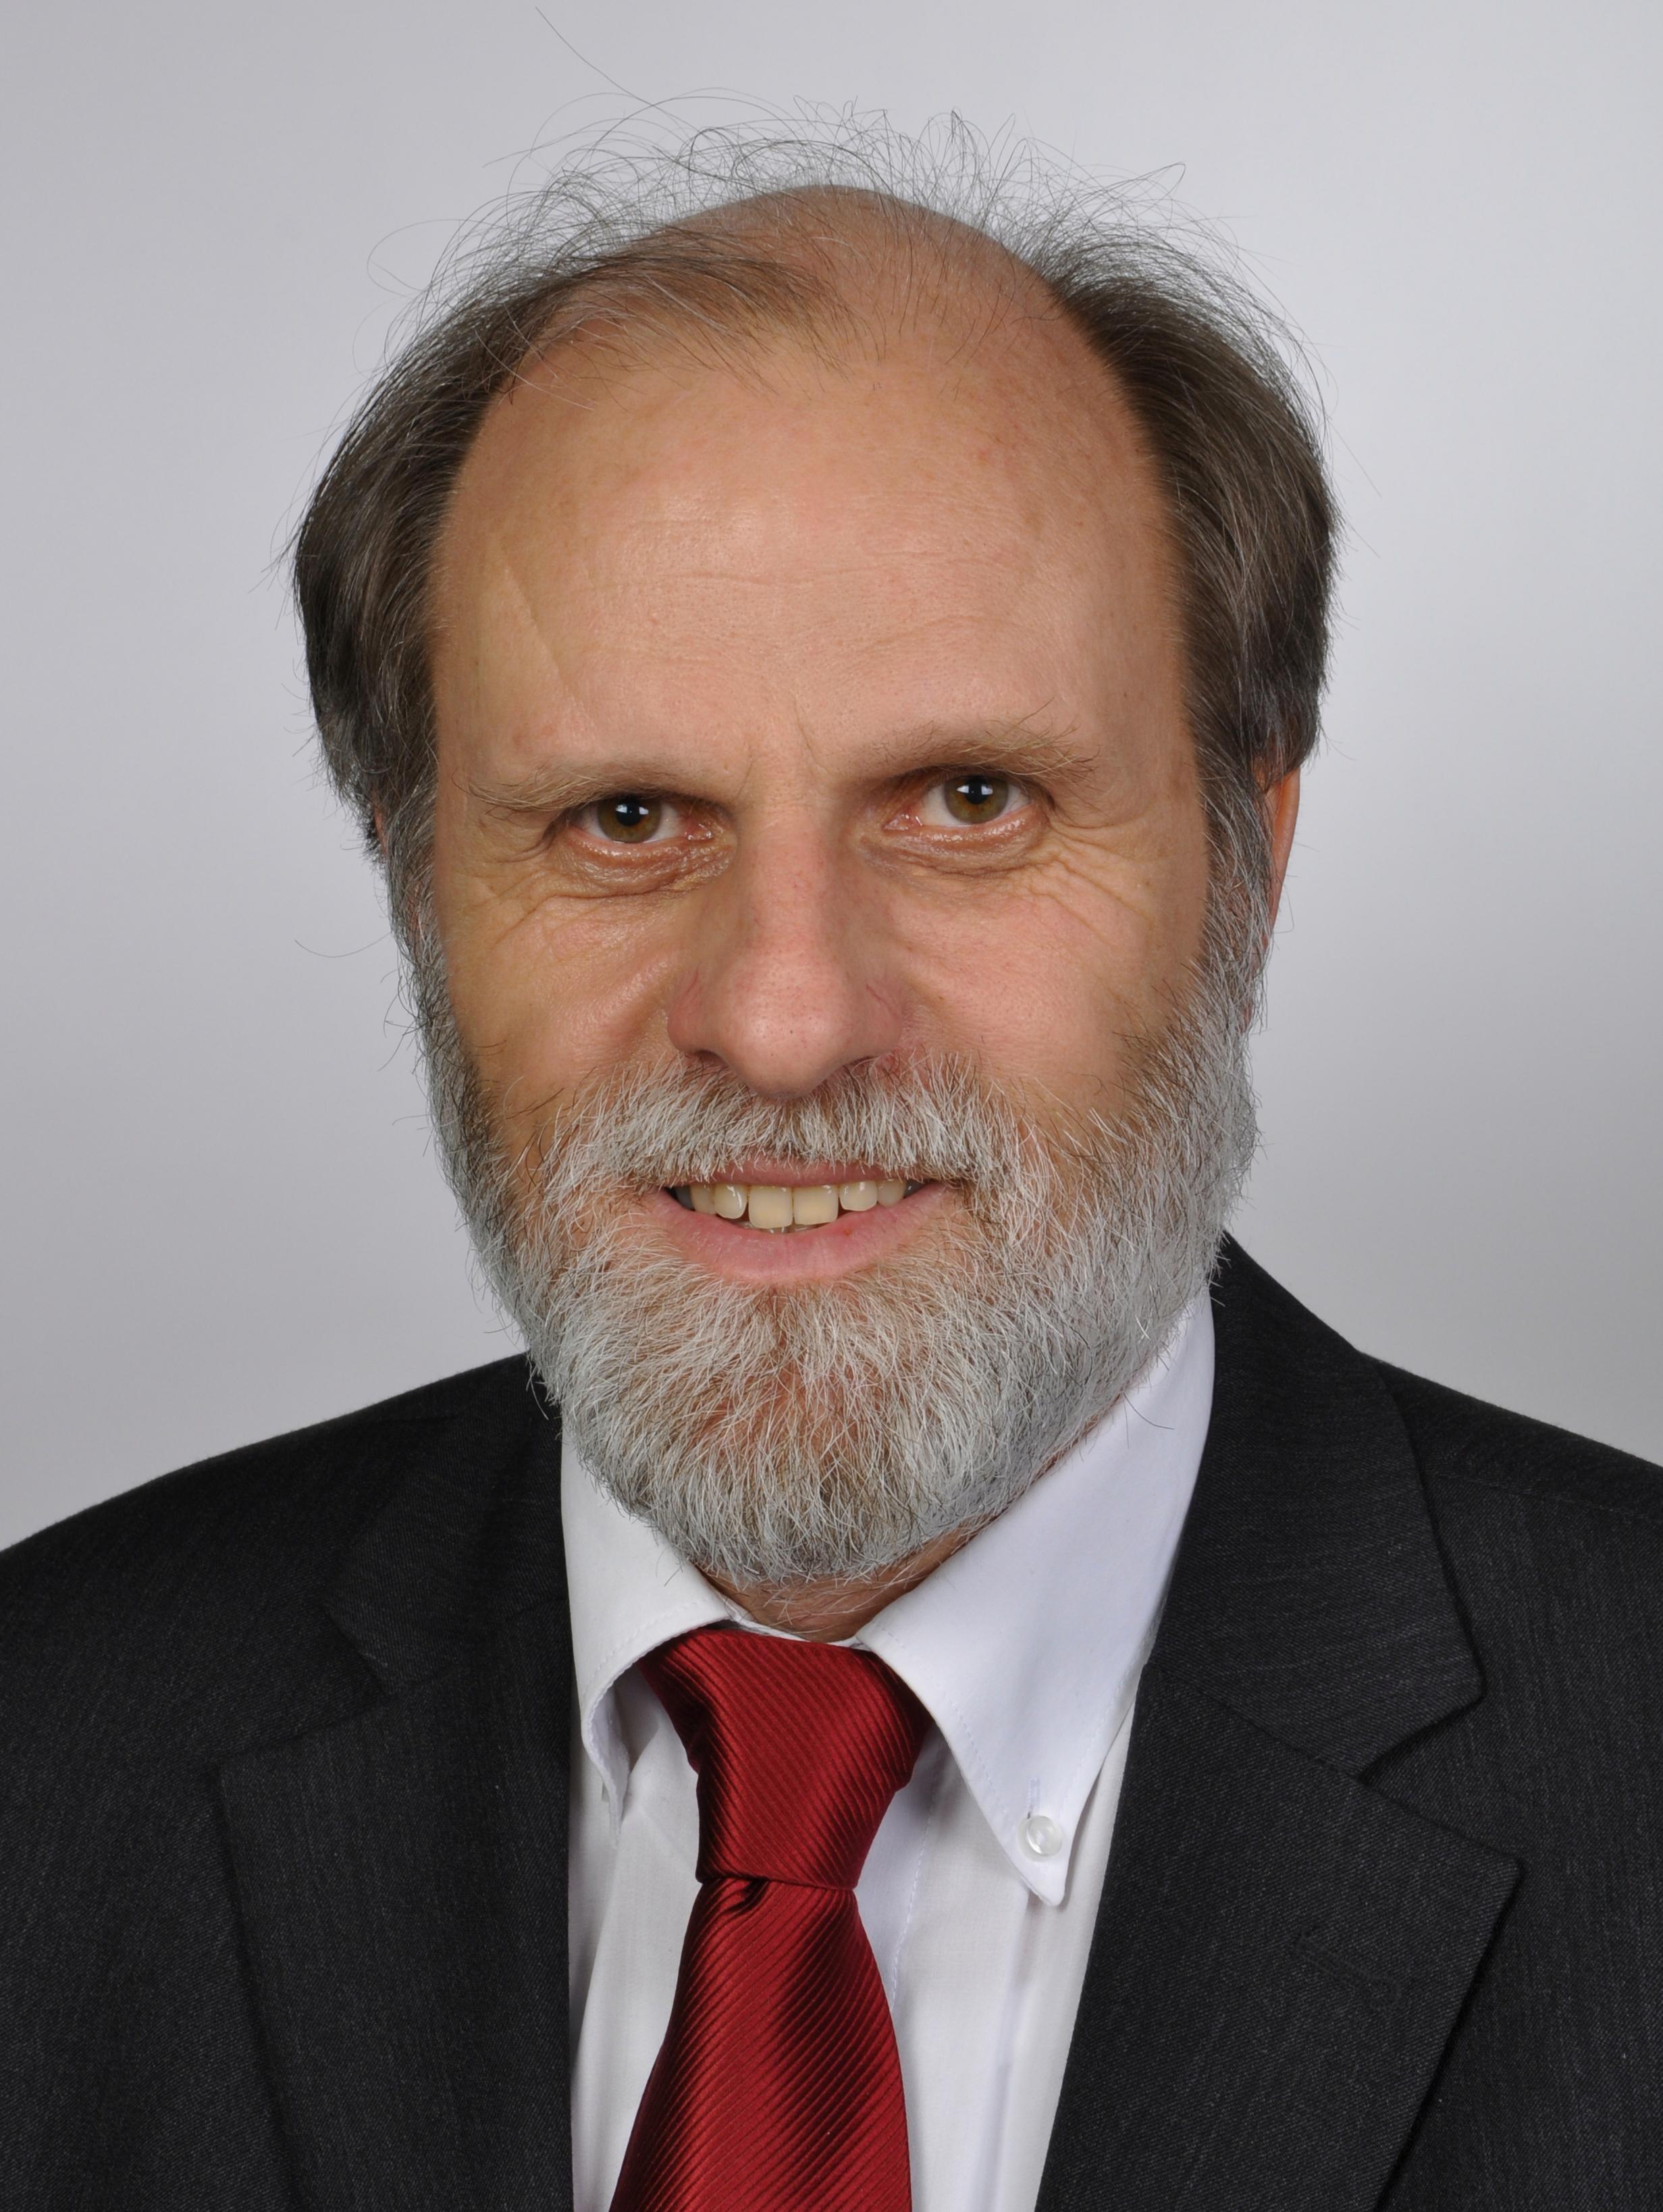 Thomas Merkle,  Leiter Entwicklung +  Konstruktion / Technischer Leiter, Schmalenberger; Mitglied im Facharbeitsausschuss Forschung im Fachverband Pumpen + Systeme des VDMA